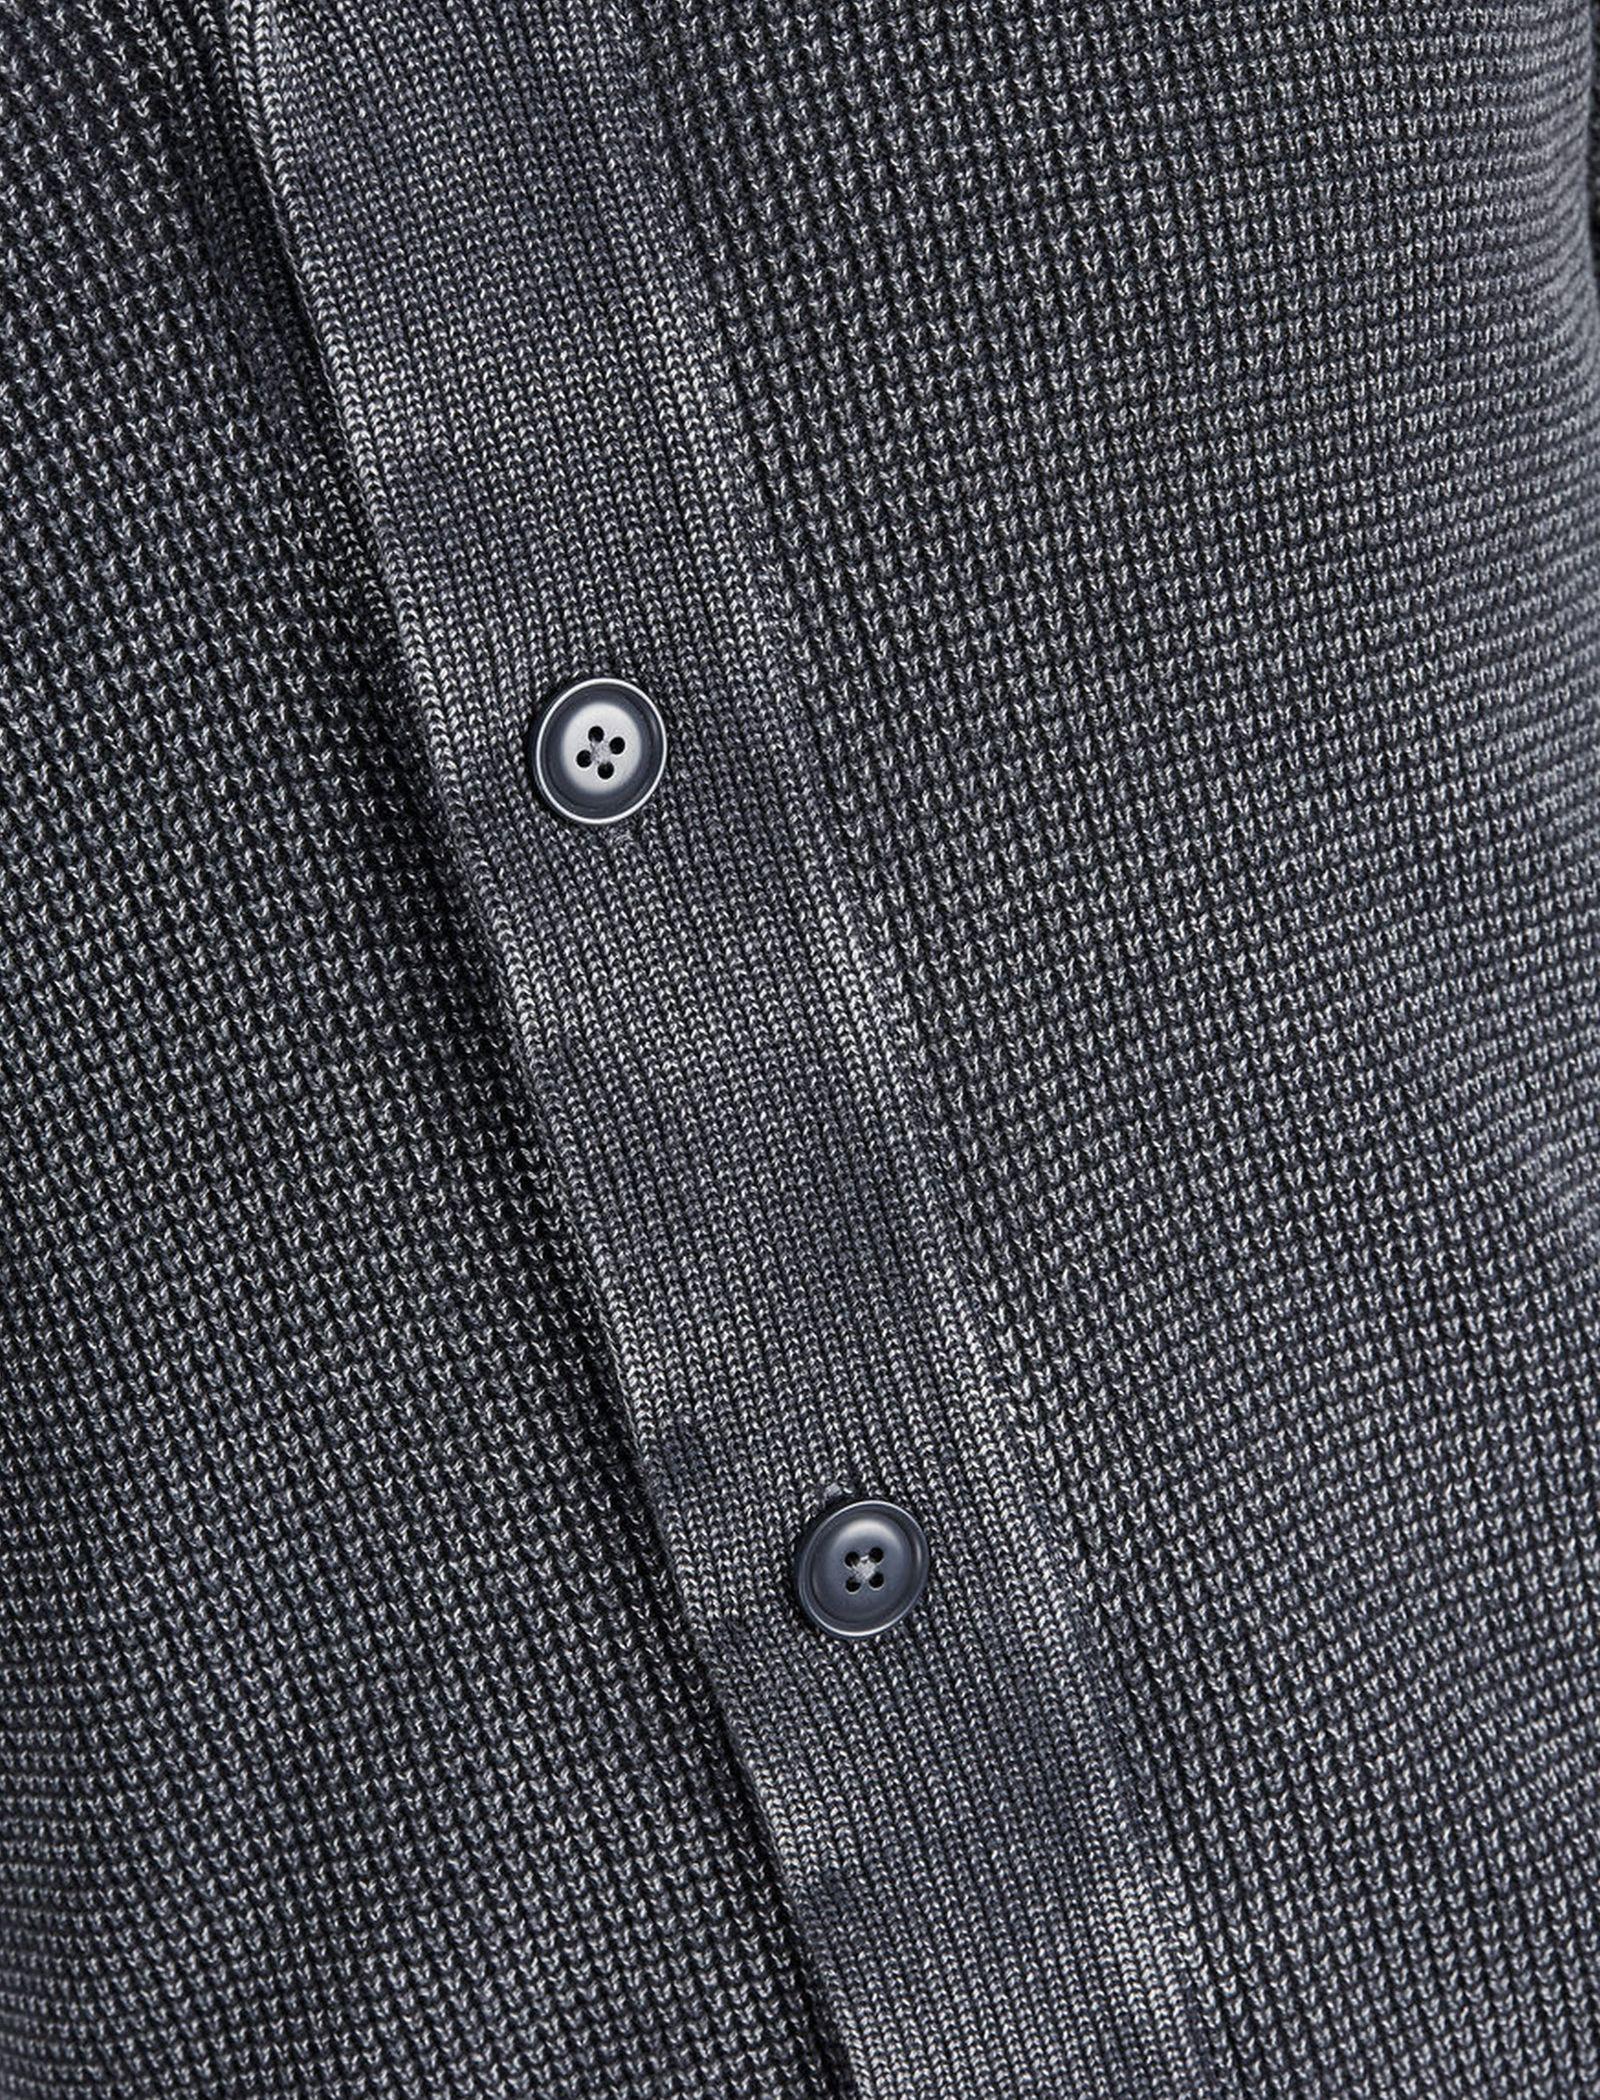 ژاکت نخی دکمه دار مردانه - جک اند جونز - آبي - 5